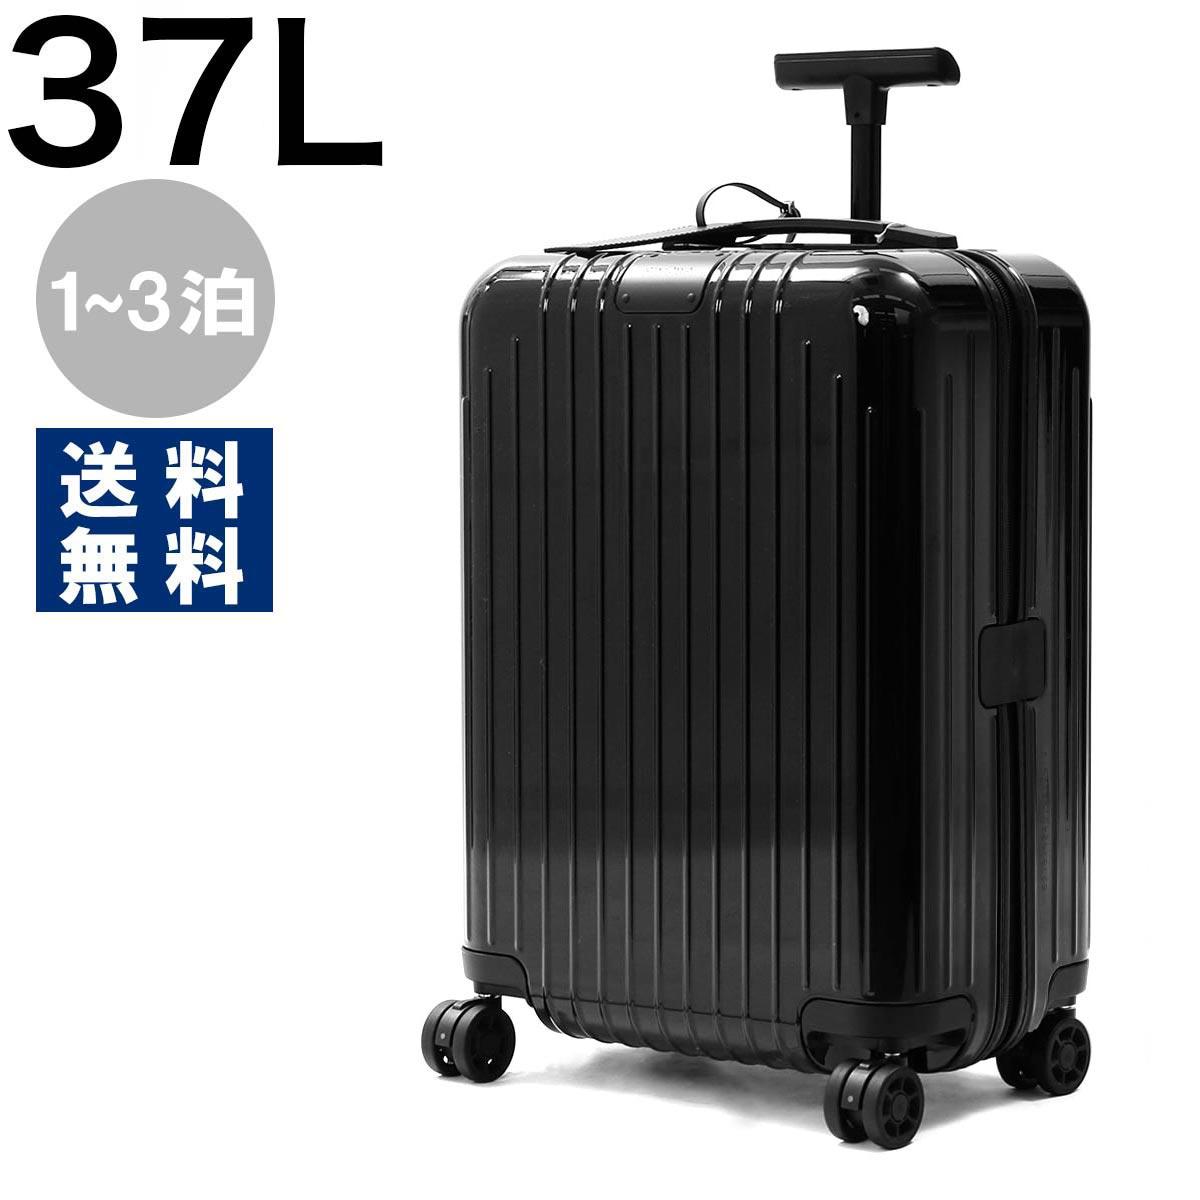 リモワ スーツケース/旅行用バッグ バッグ メンズ レディース エッセンシャル ライト キャビン 37L 1~3泊 ブラック 823.53.62.4 RIMOWA